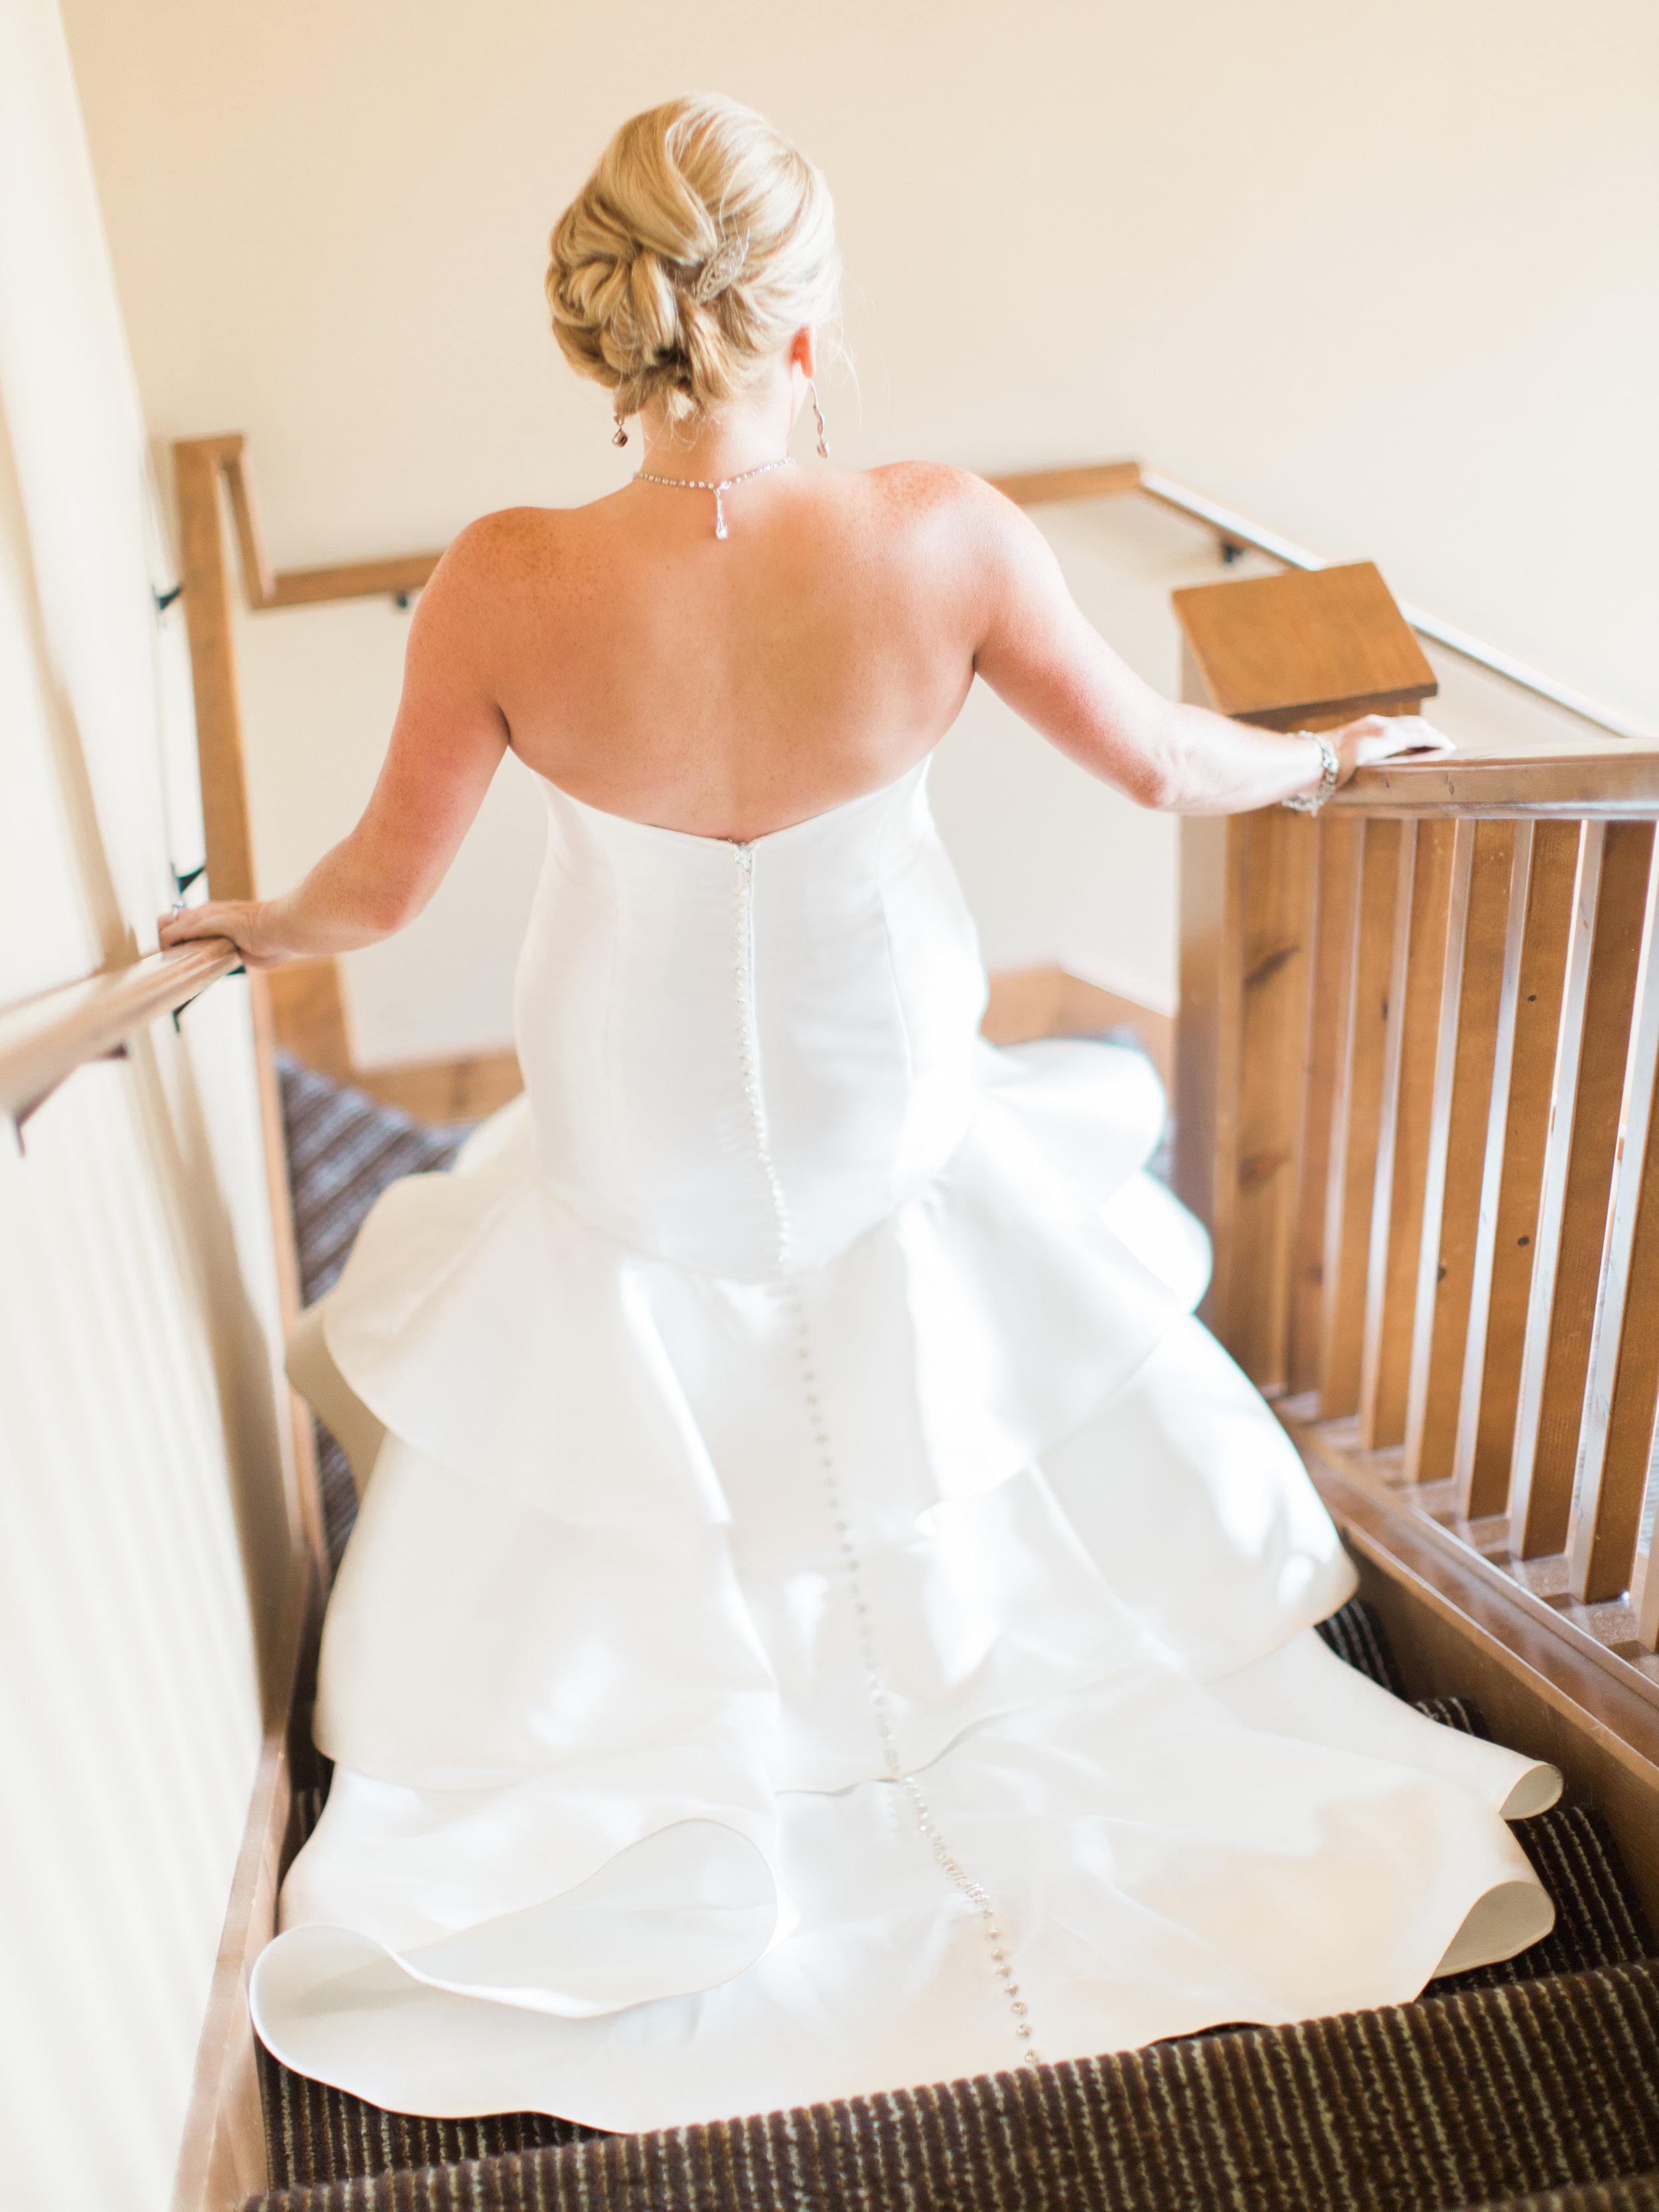 Kraft+Wedding+Getting+Ready+Girls-24.jpg